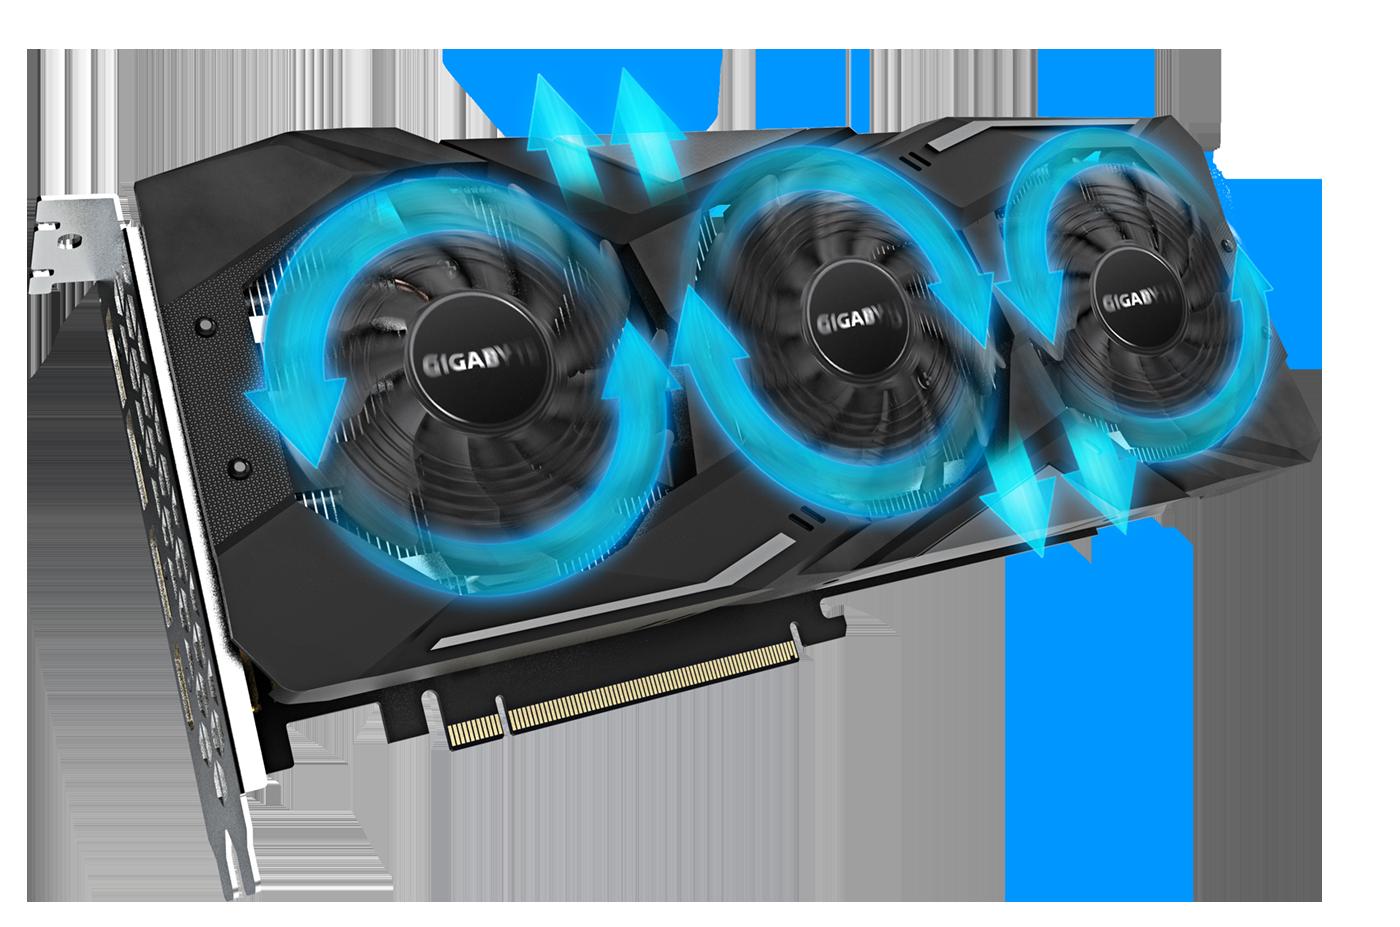 Gigabyte Radeon™ RX 5600 XT GAMING OC 6G - GV-R56XTGAMING OC-6G 11